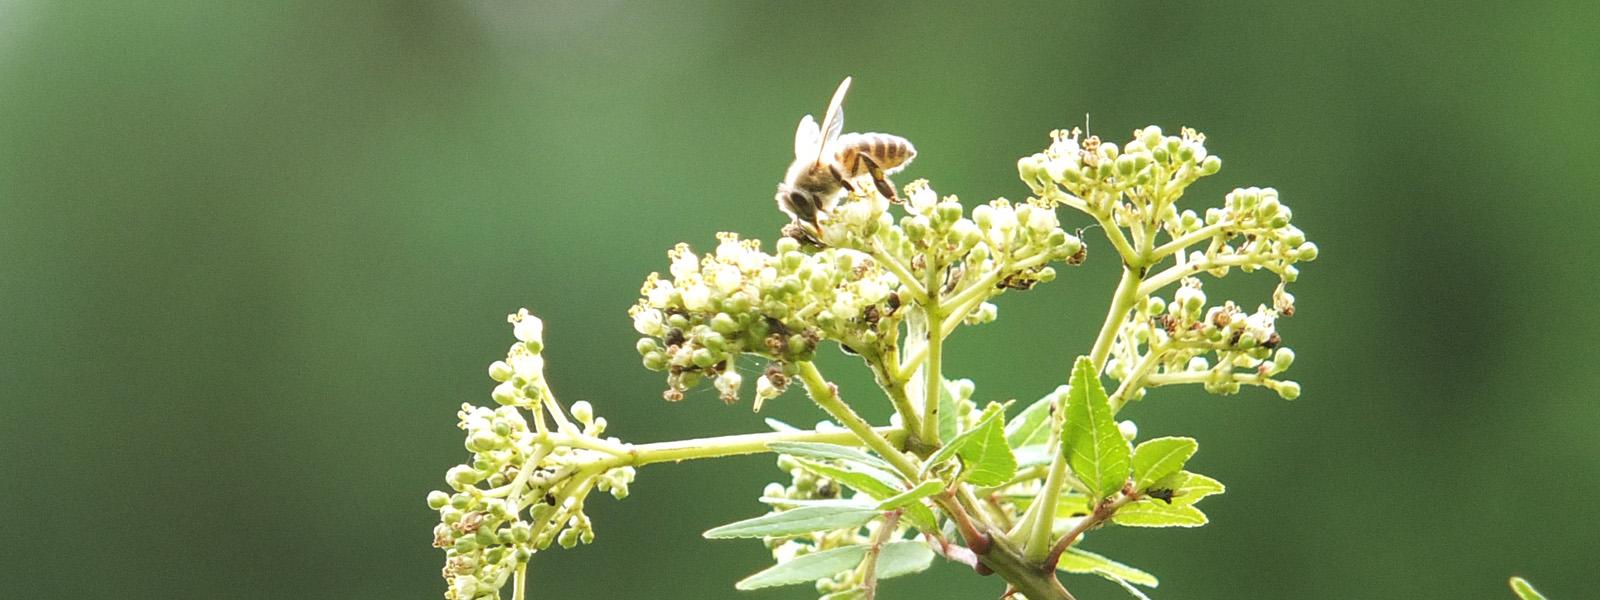 養蜂家の写真